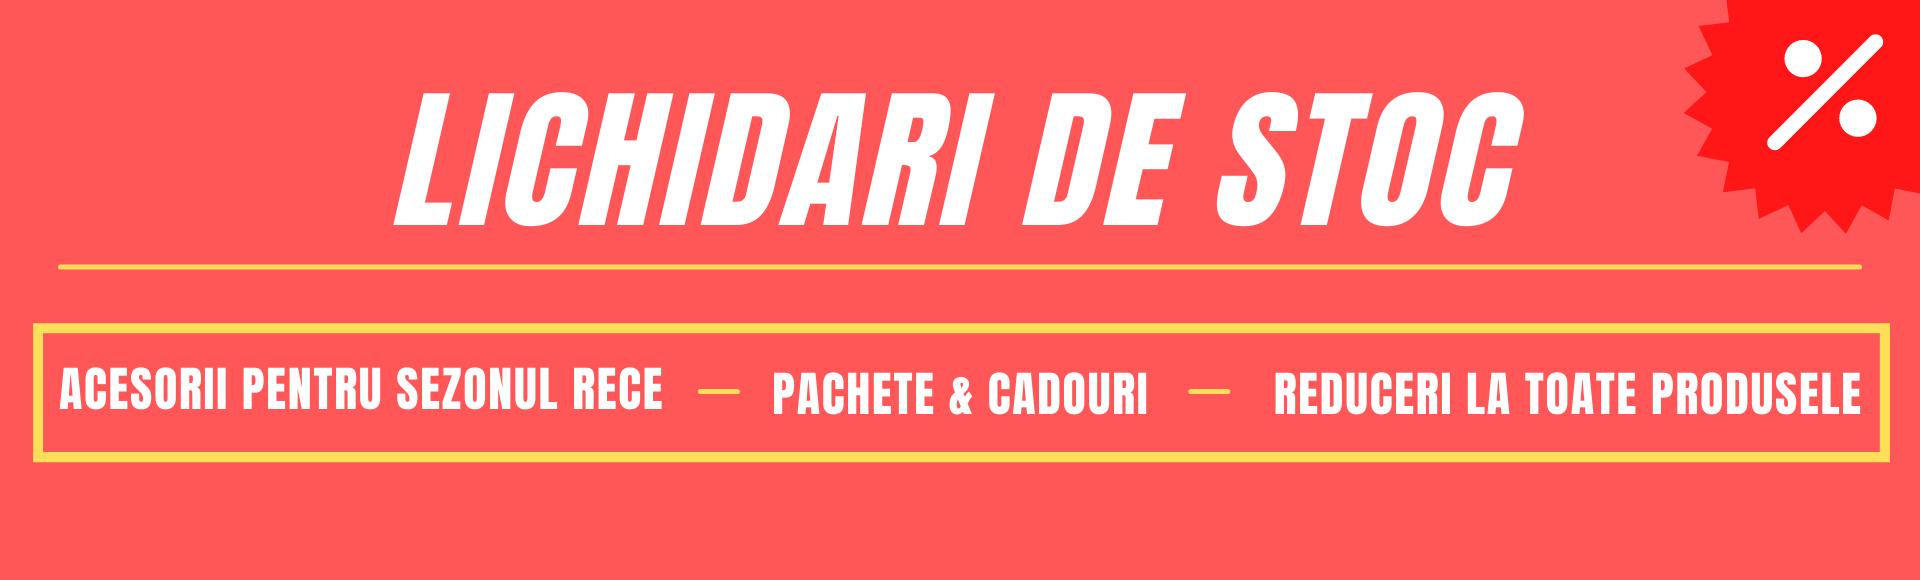 Banner lichidari